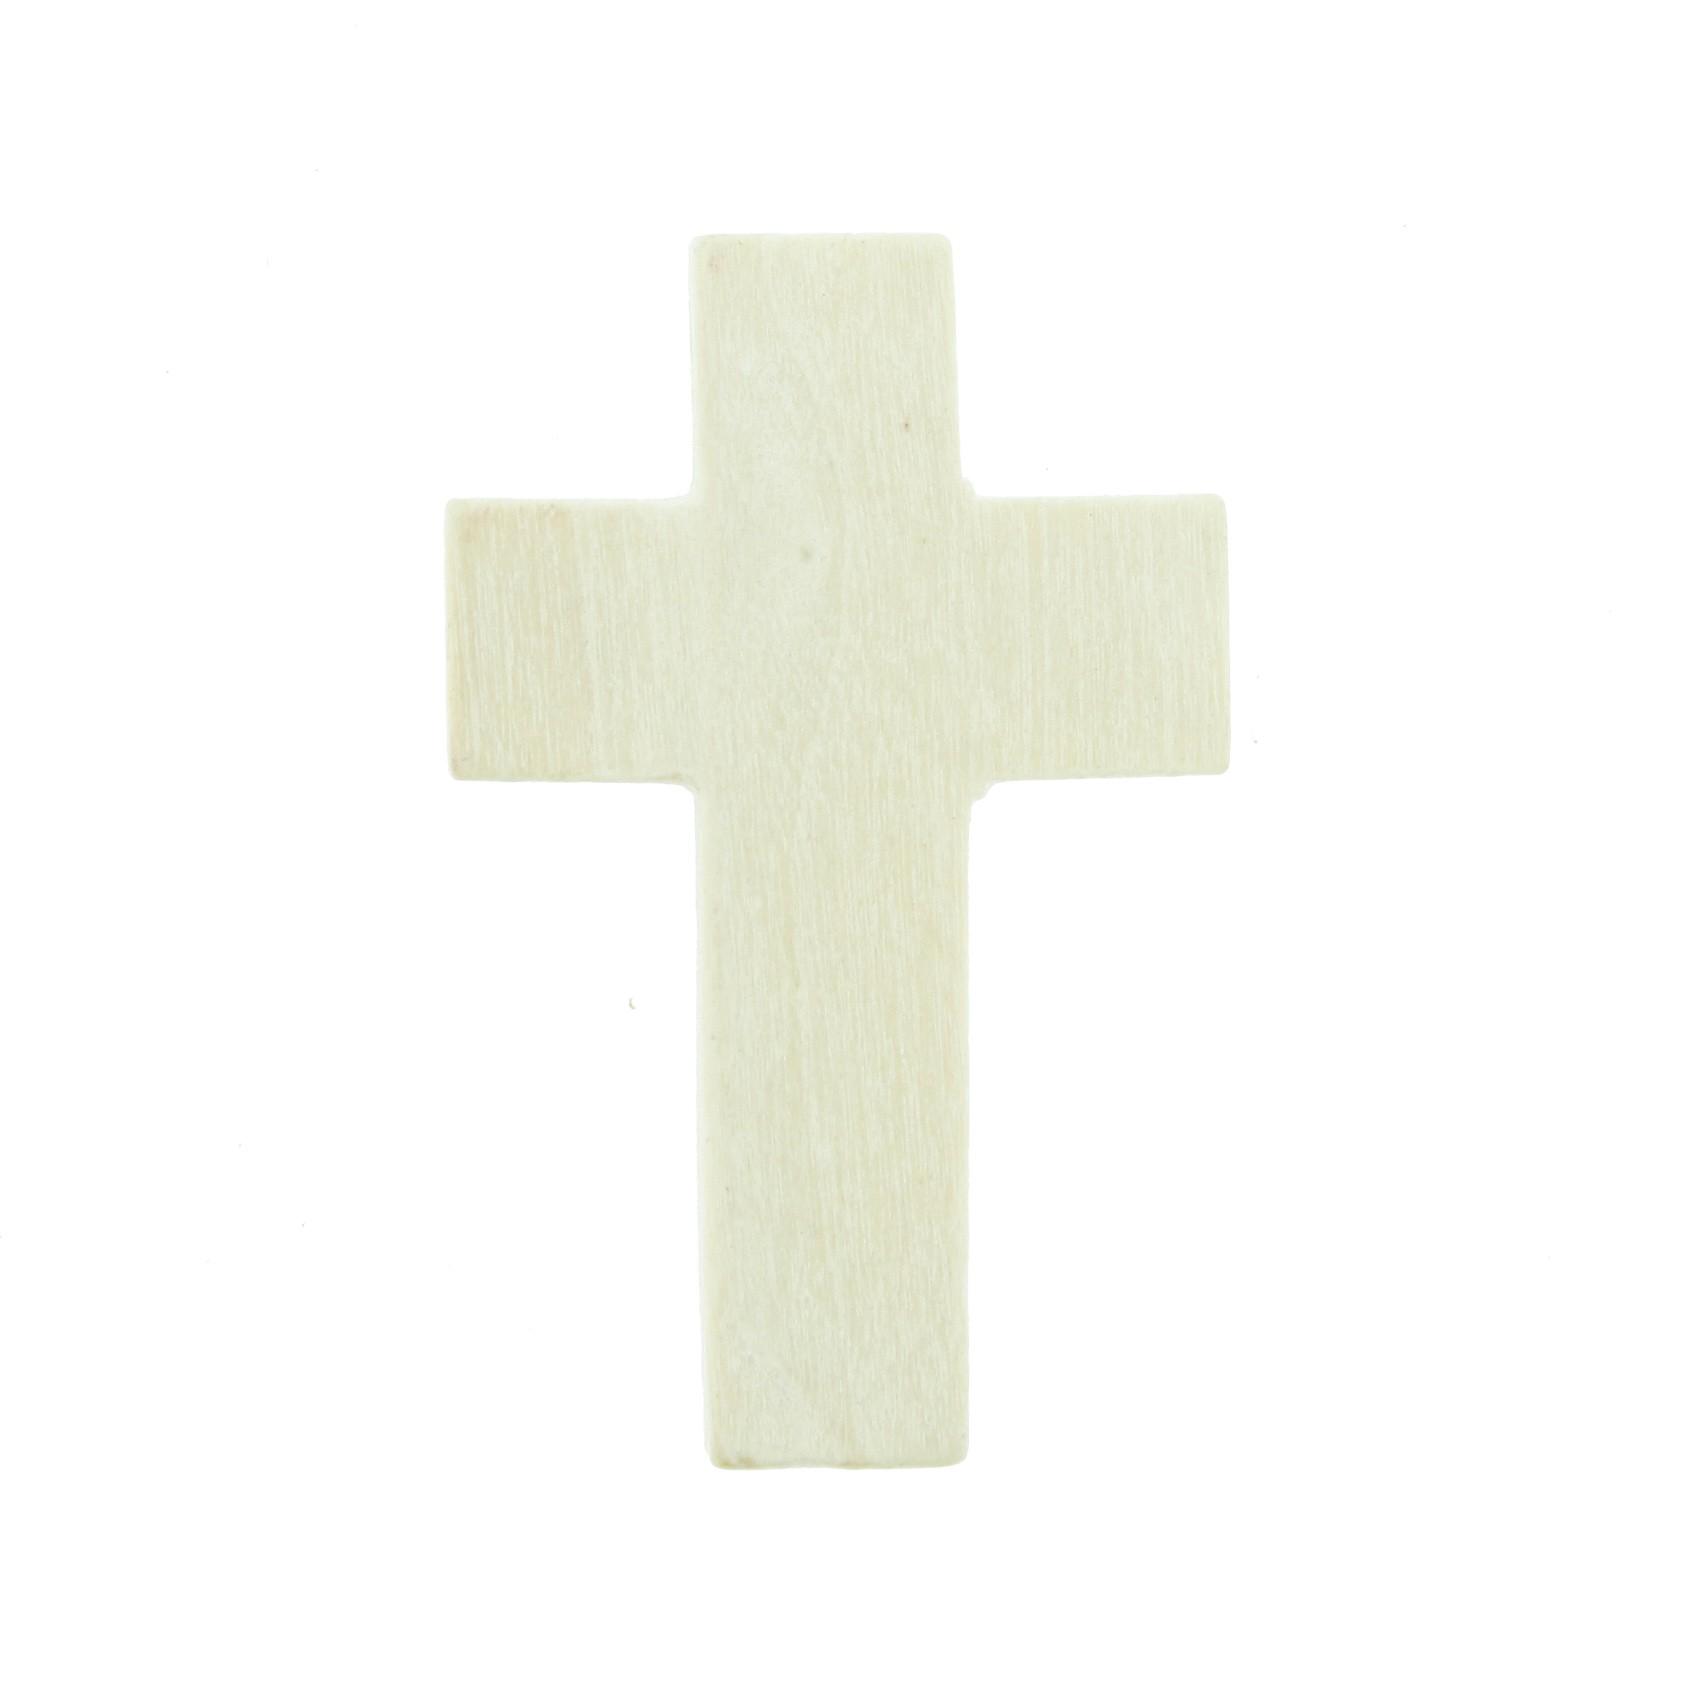 Crucifixo Madeira - Marfim - 34mm  - Universo Religioso® - Artigos de Umbanda e Candomblé